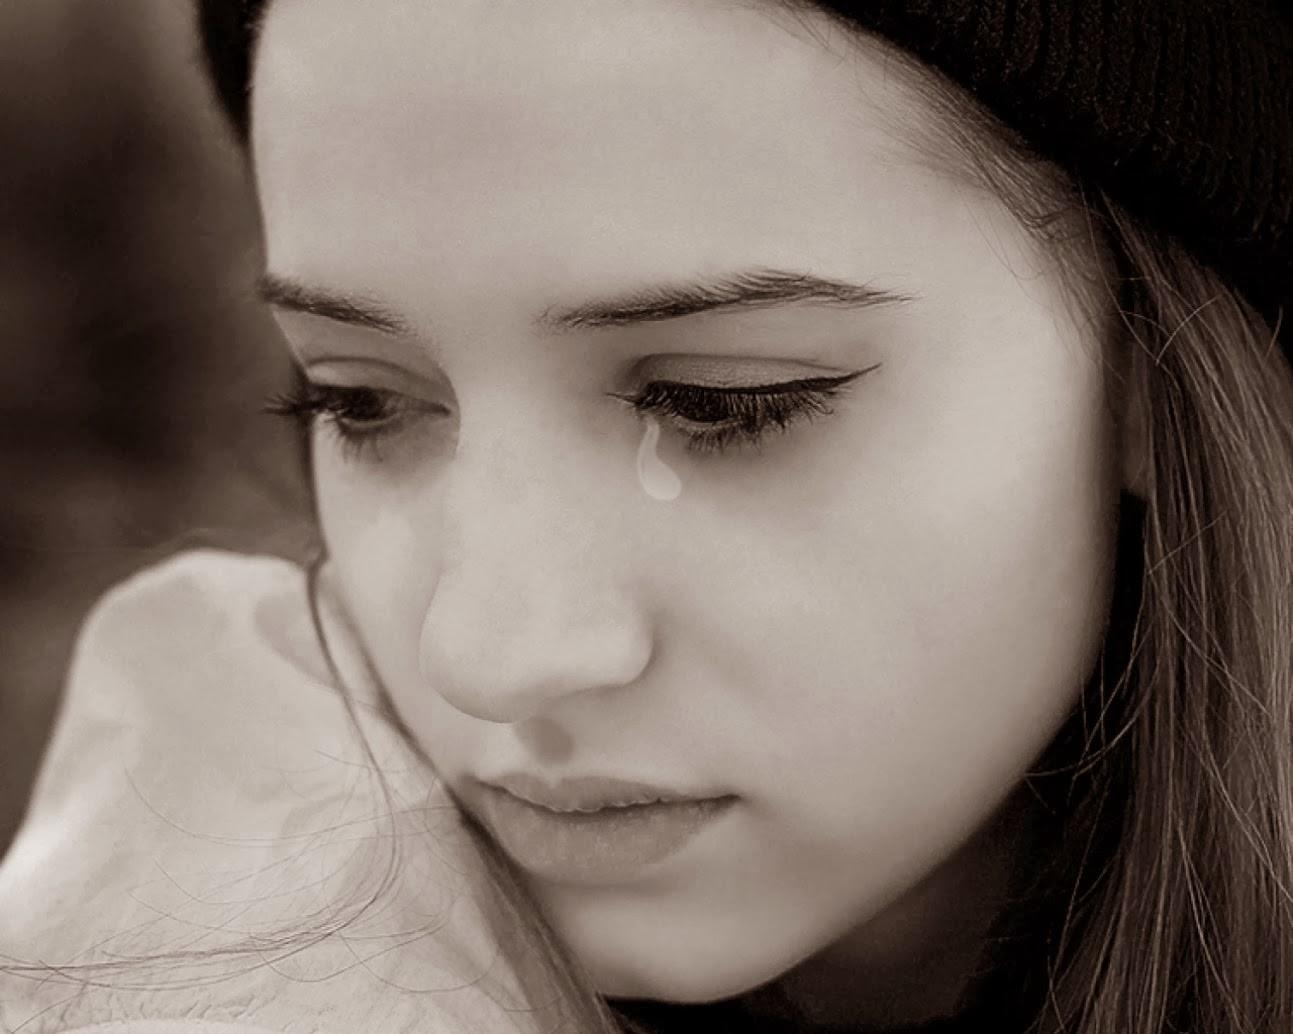 صورة صور بنت حزينه , صور لبنات حزينة جدا